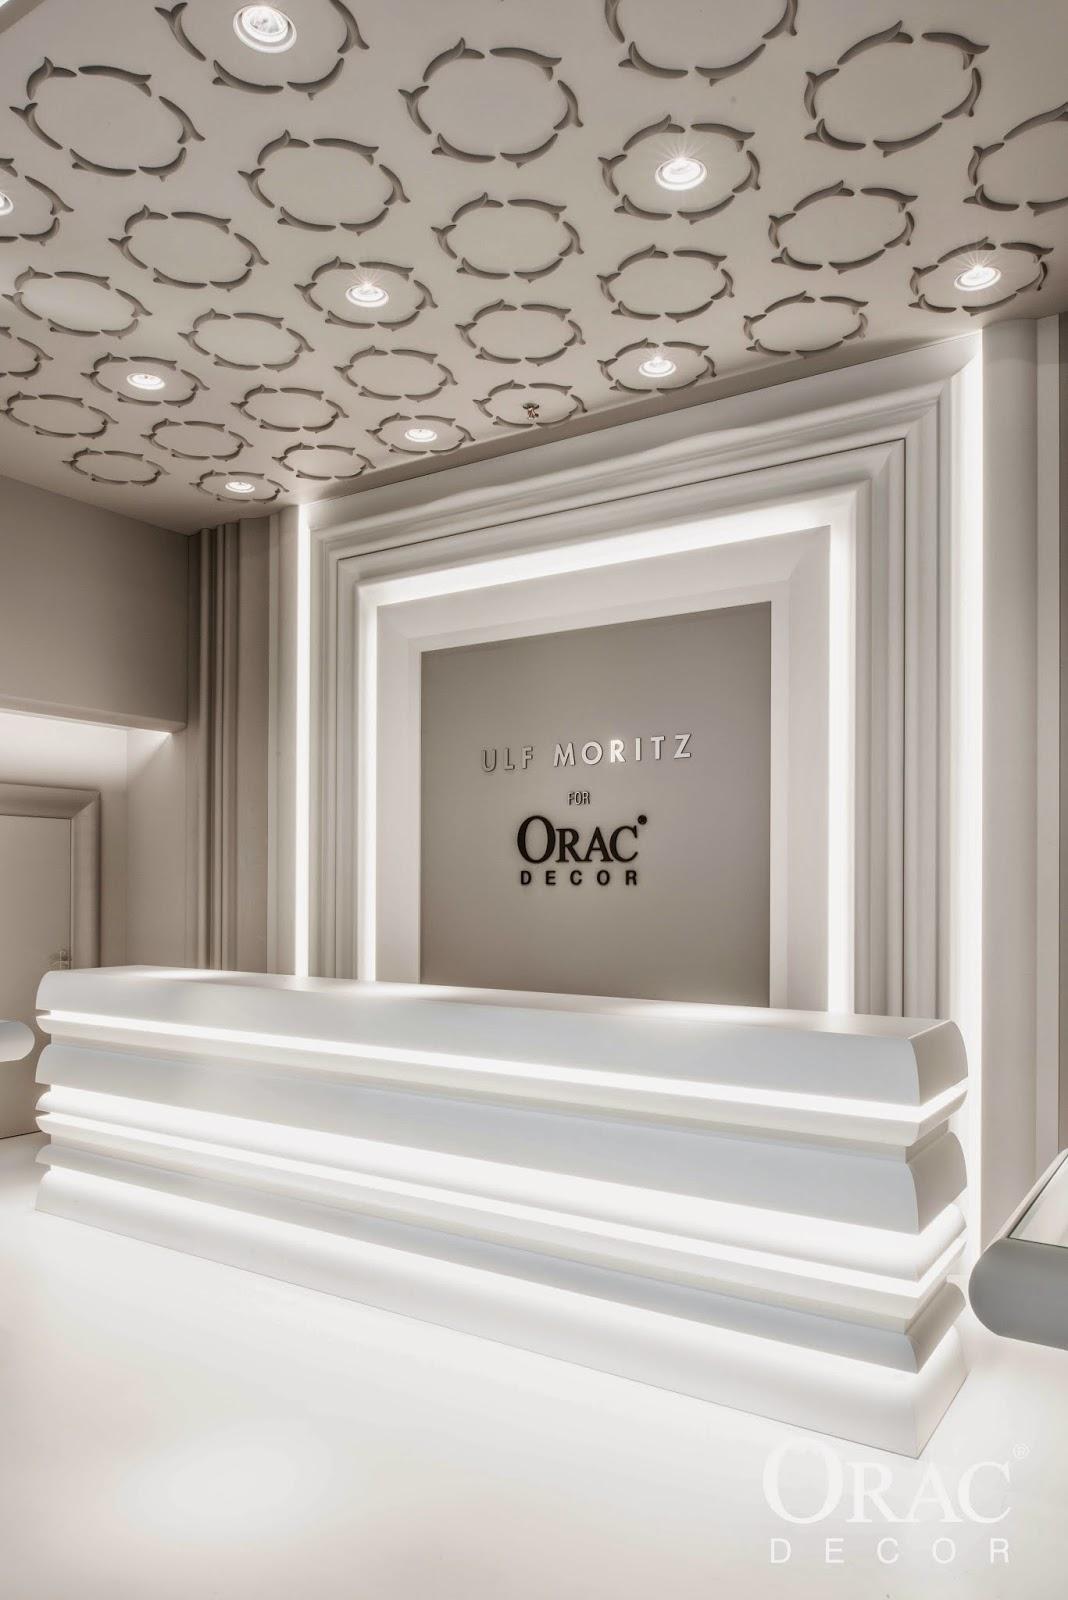 Ora decor soluciones a paredes y techos con personalidad for Decor interiores